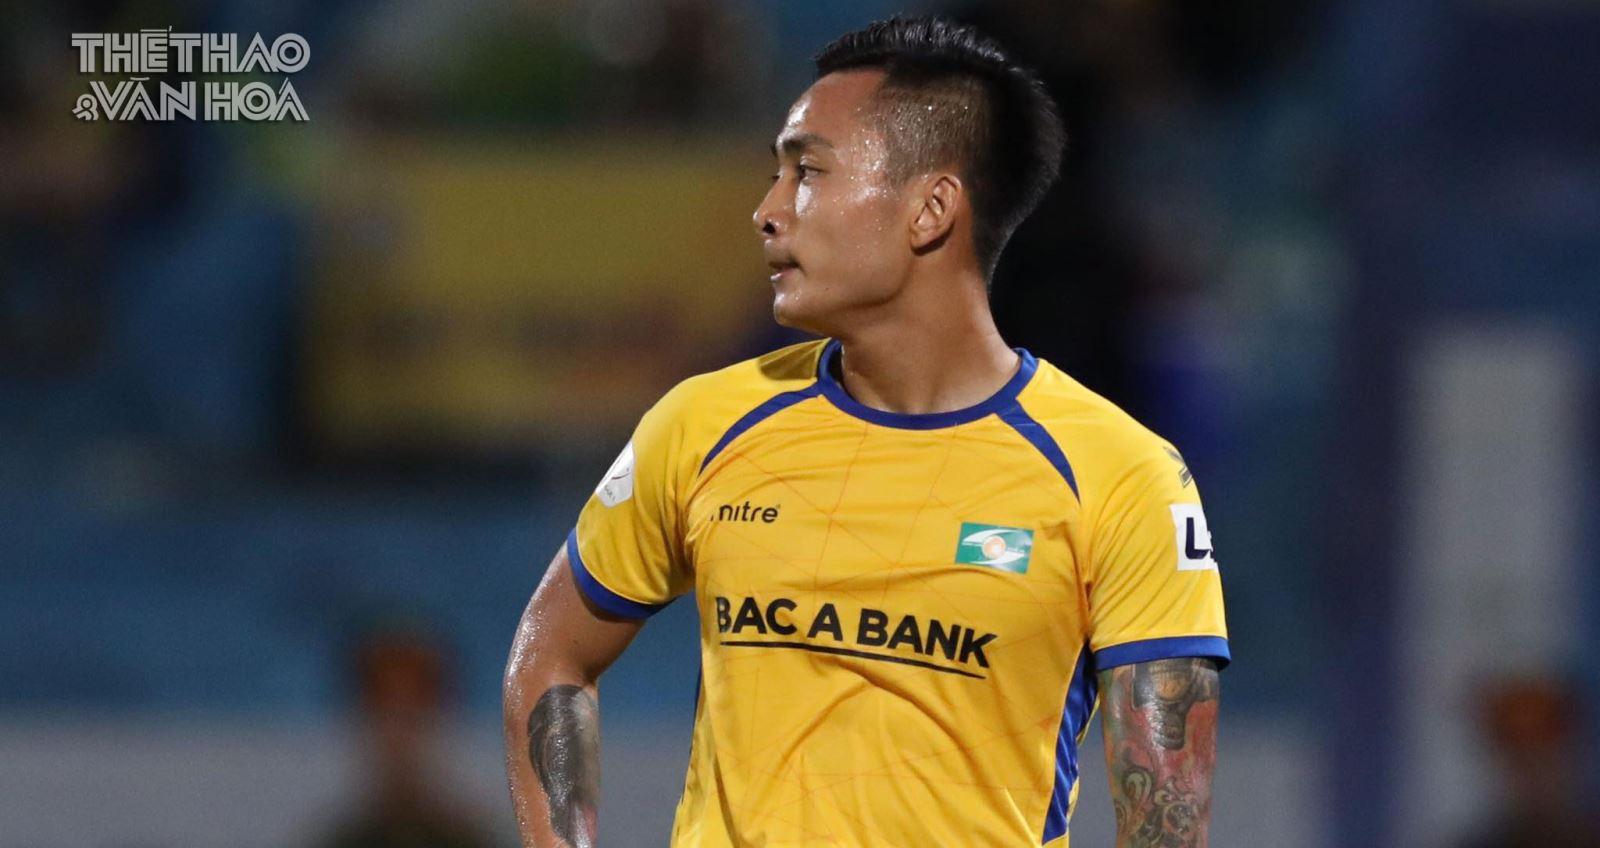 Hà Nội đấu với SLNA, SLNA, Hà Nội FC, trực tiếp Hà Nội đấu với SLNA, bóng đá, bong da, trực tiếp bóng đá